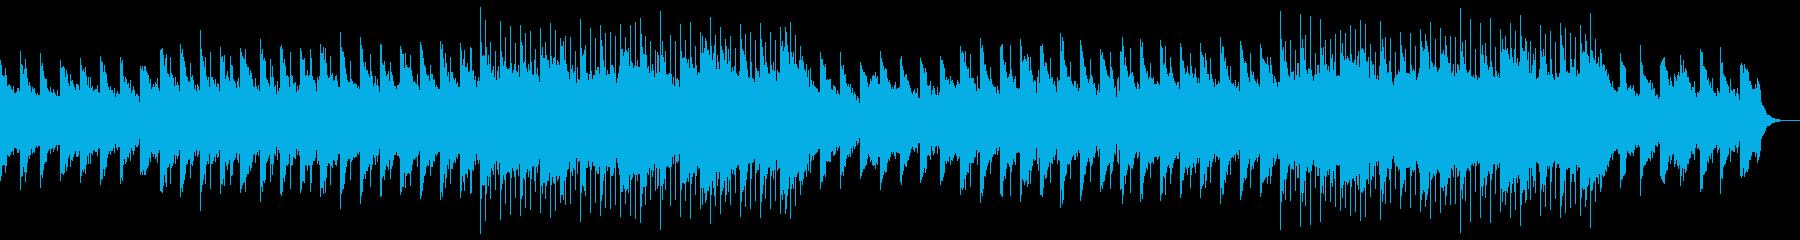 幻想的な映像、フェルトピアノとアコギ6の再生済みの波形